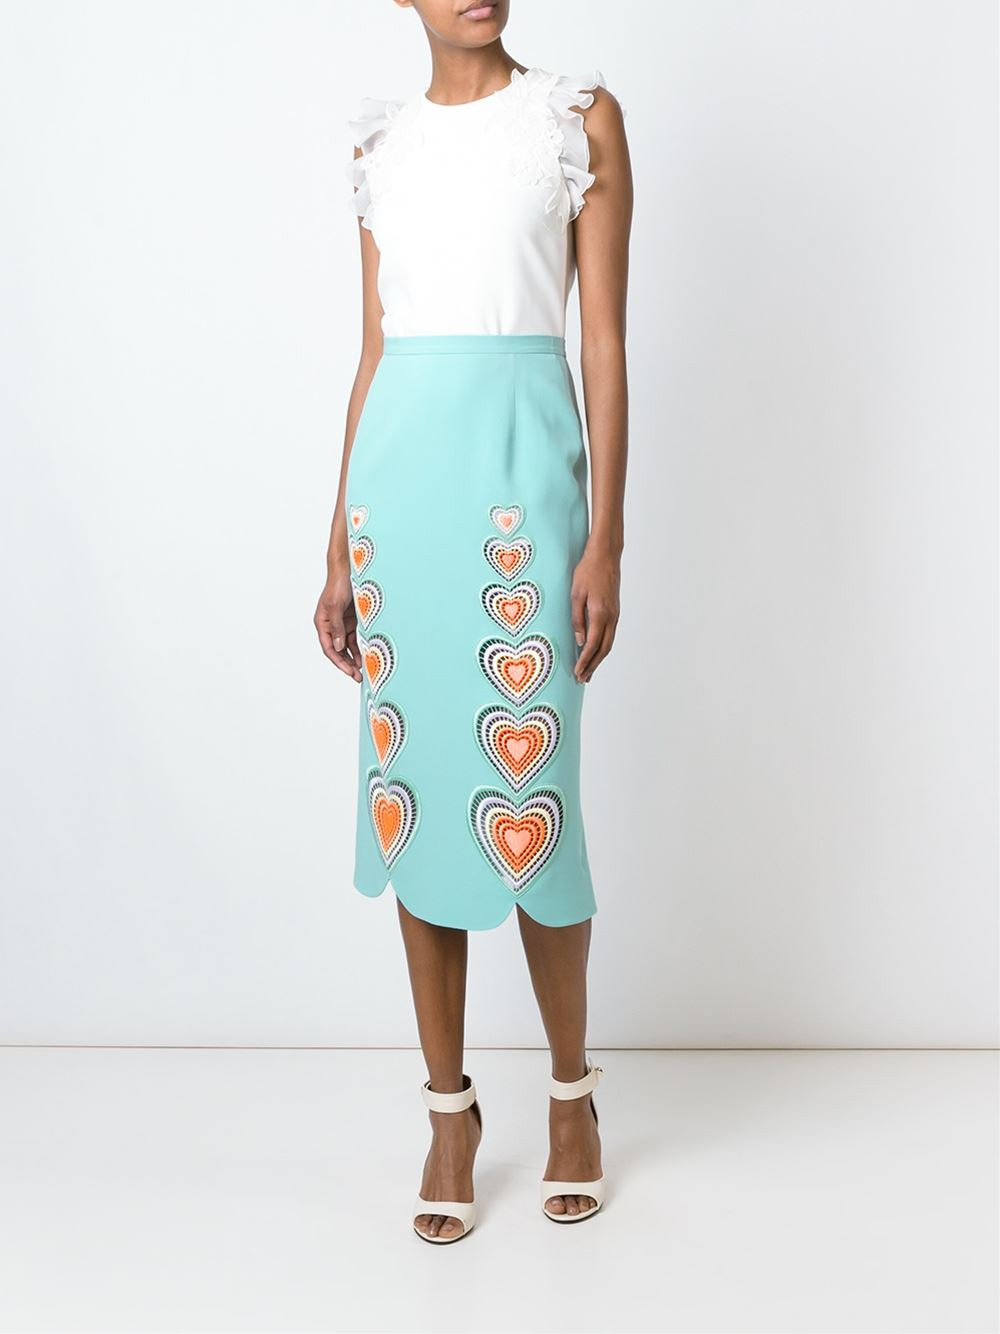 Christopher Kane macrame heart skirt now $836.50